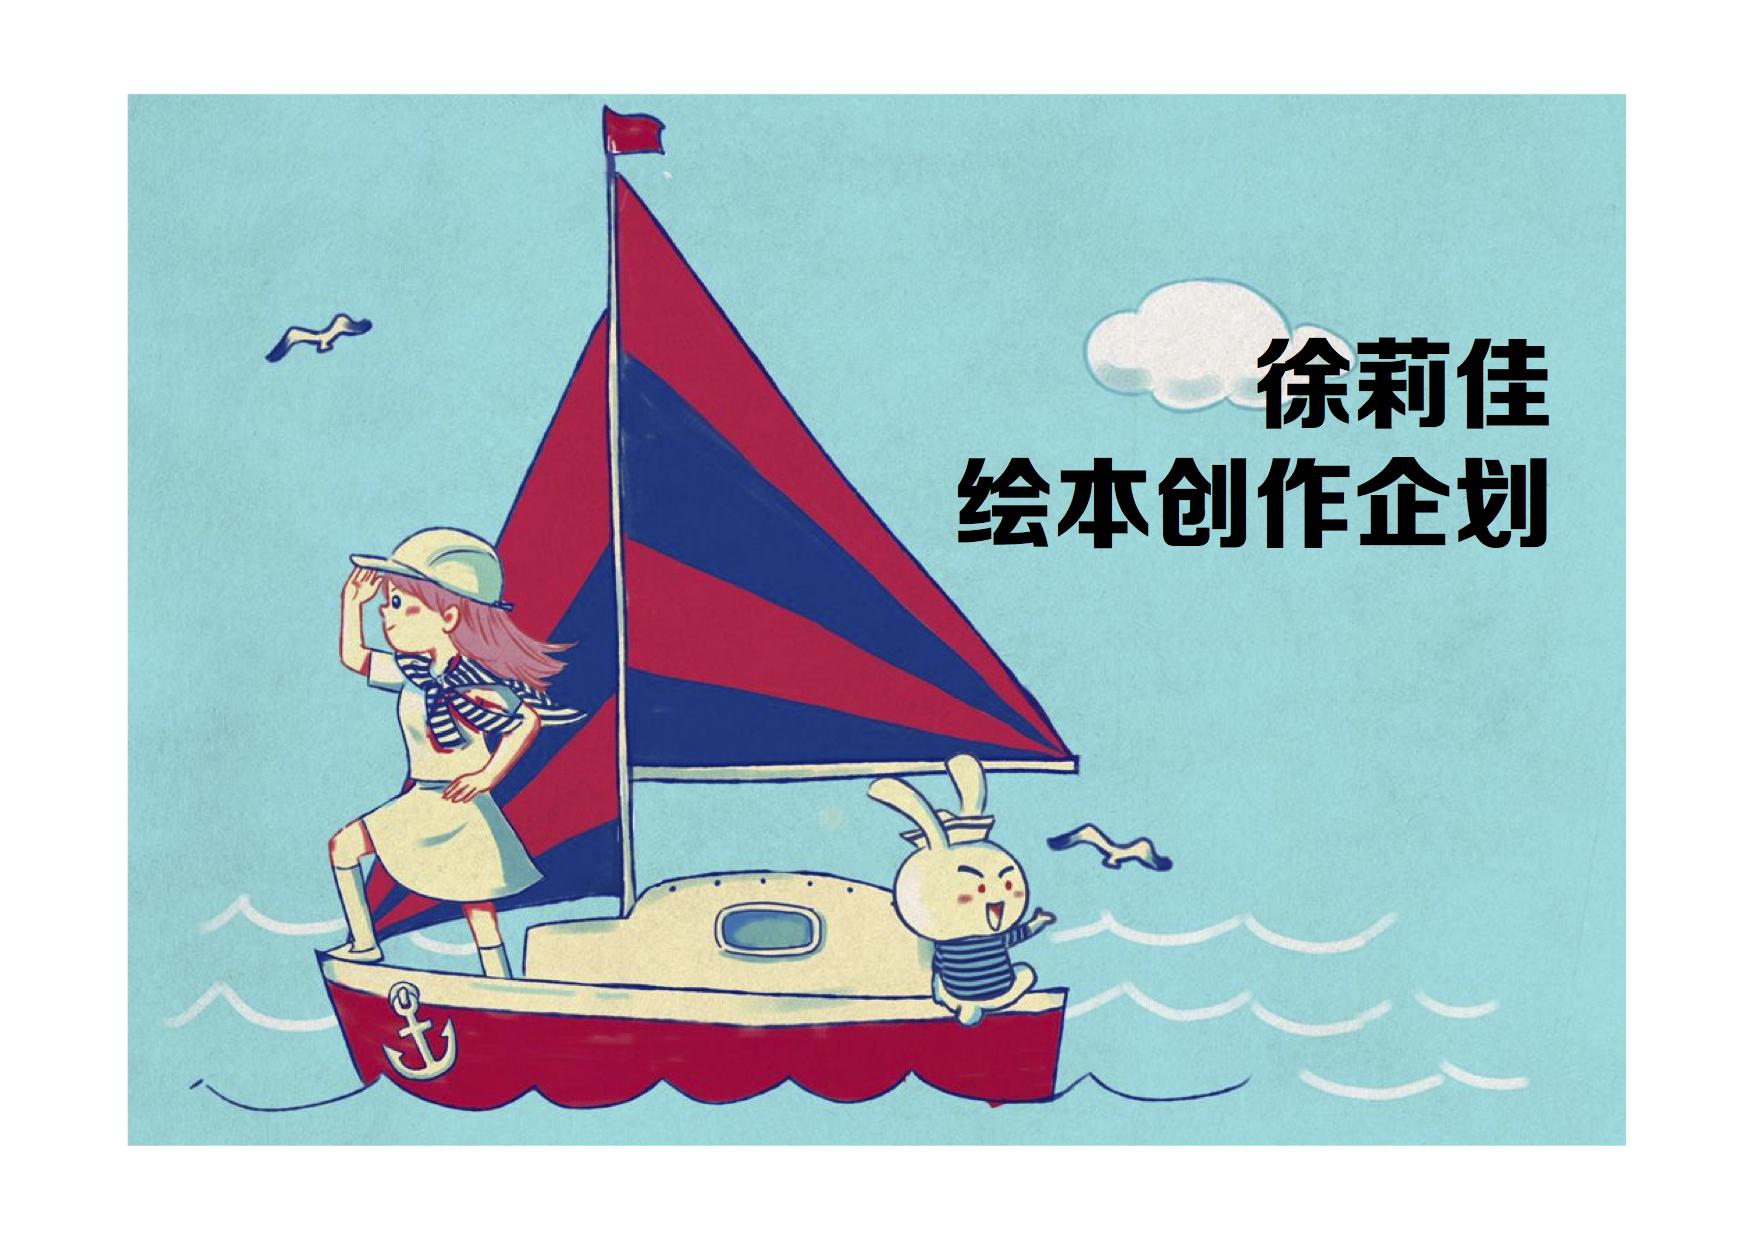 徐莉佳,帆船 一起来支持徐莉佳帆船漫画系列书 绘本帆船创作企划案1.jpg